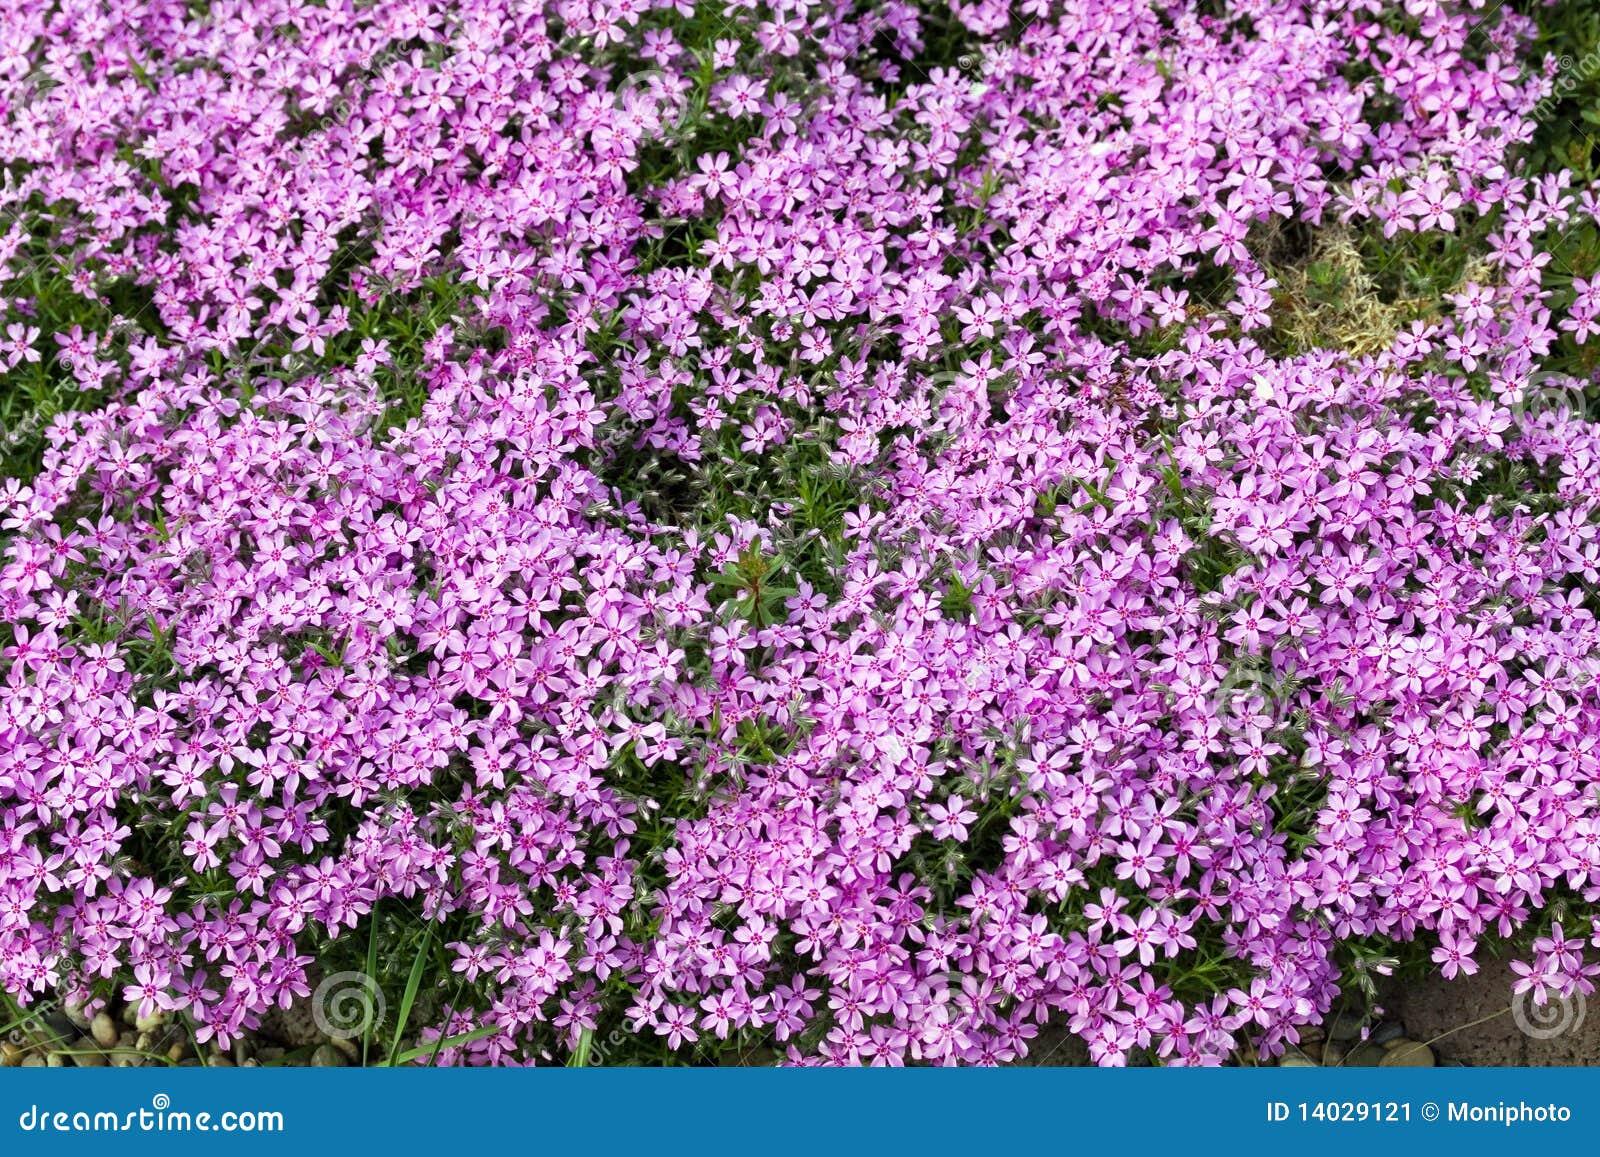 Sosta giardino con i fiori garofano viola vicolo for Giardino con fiori